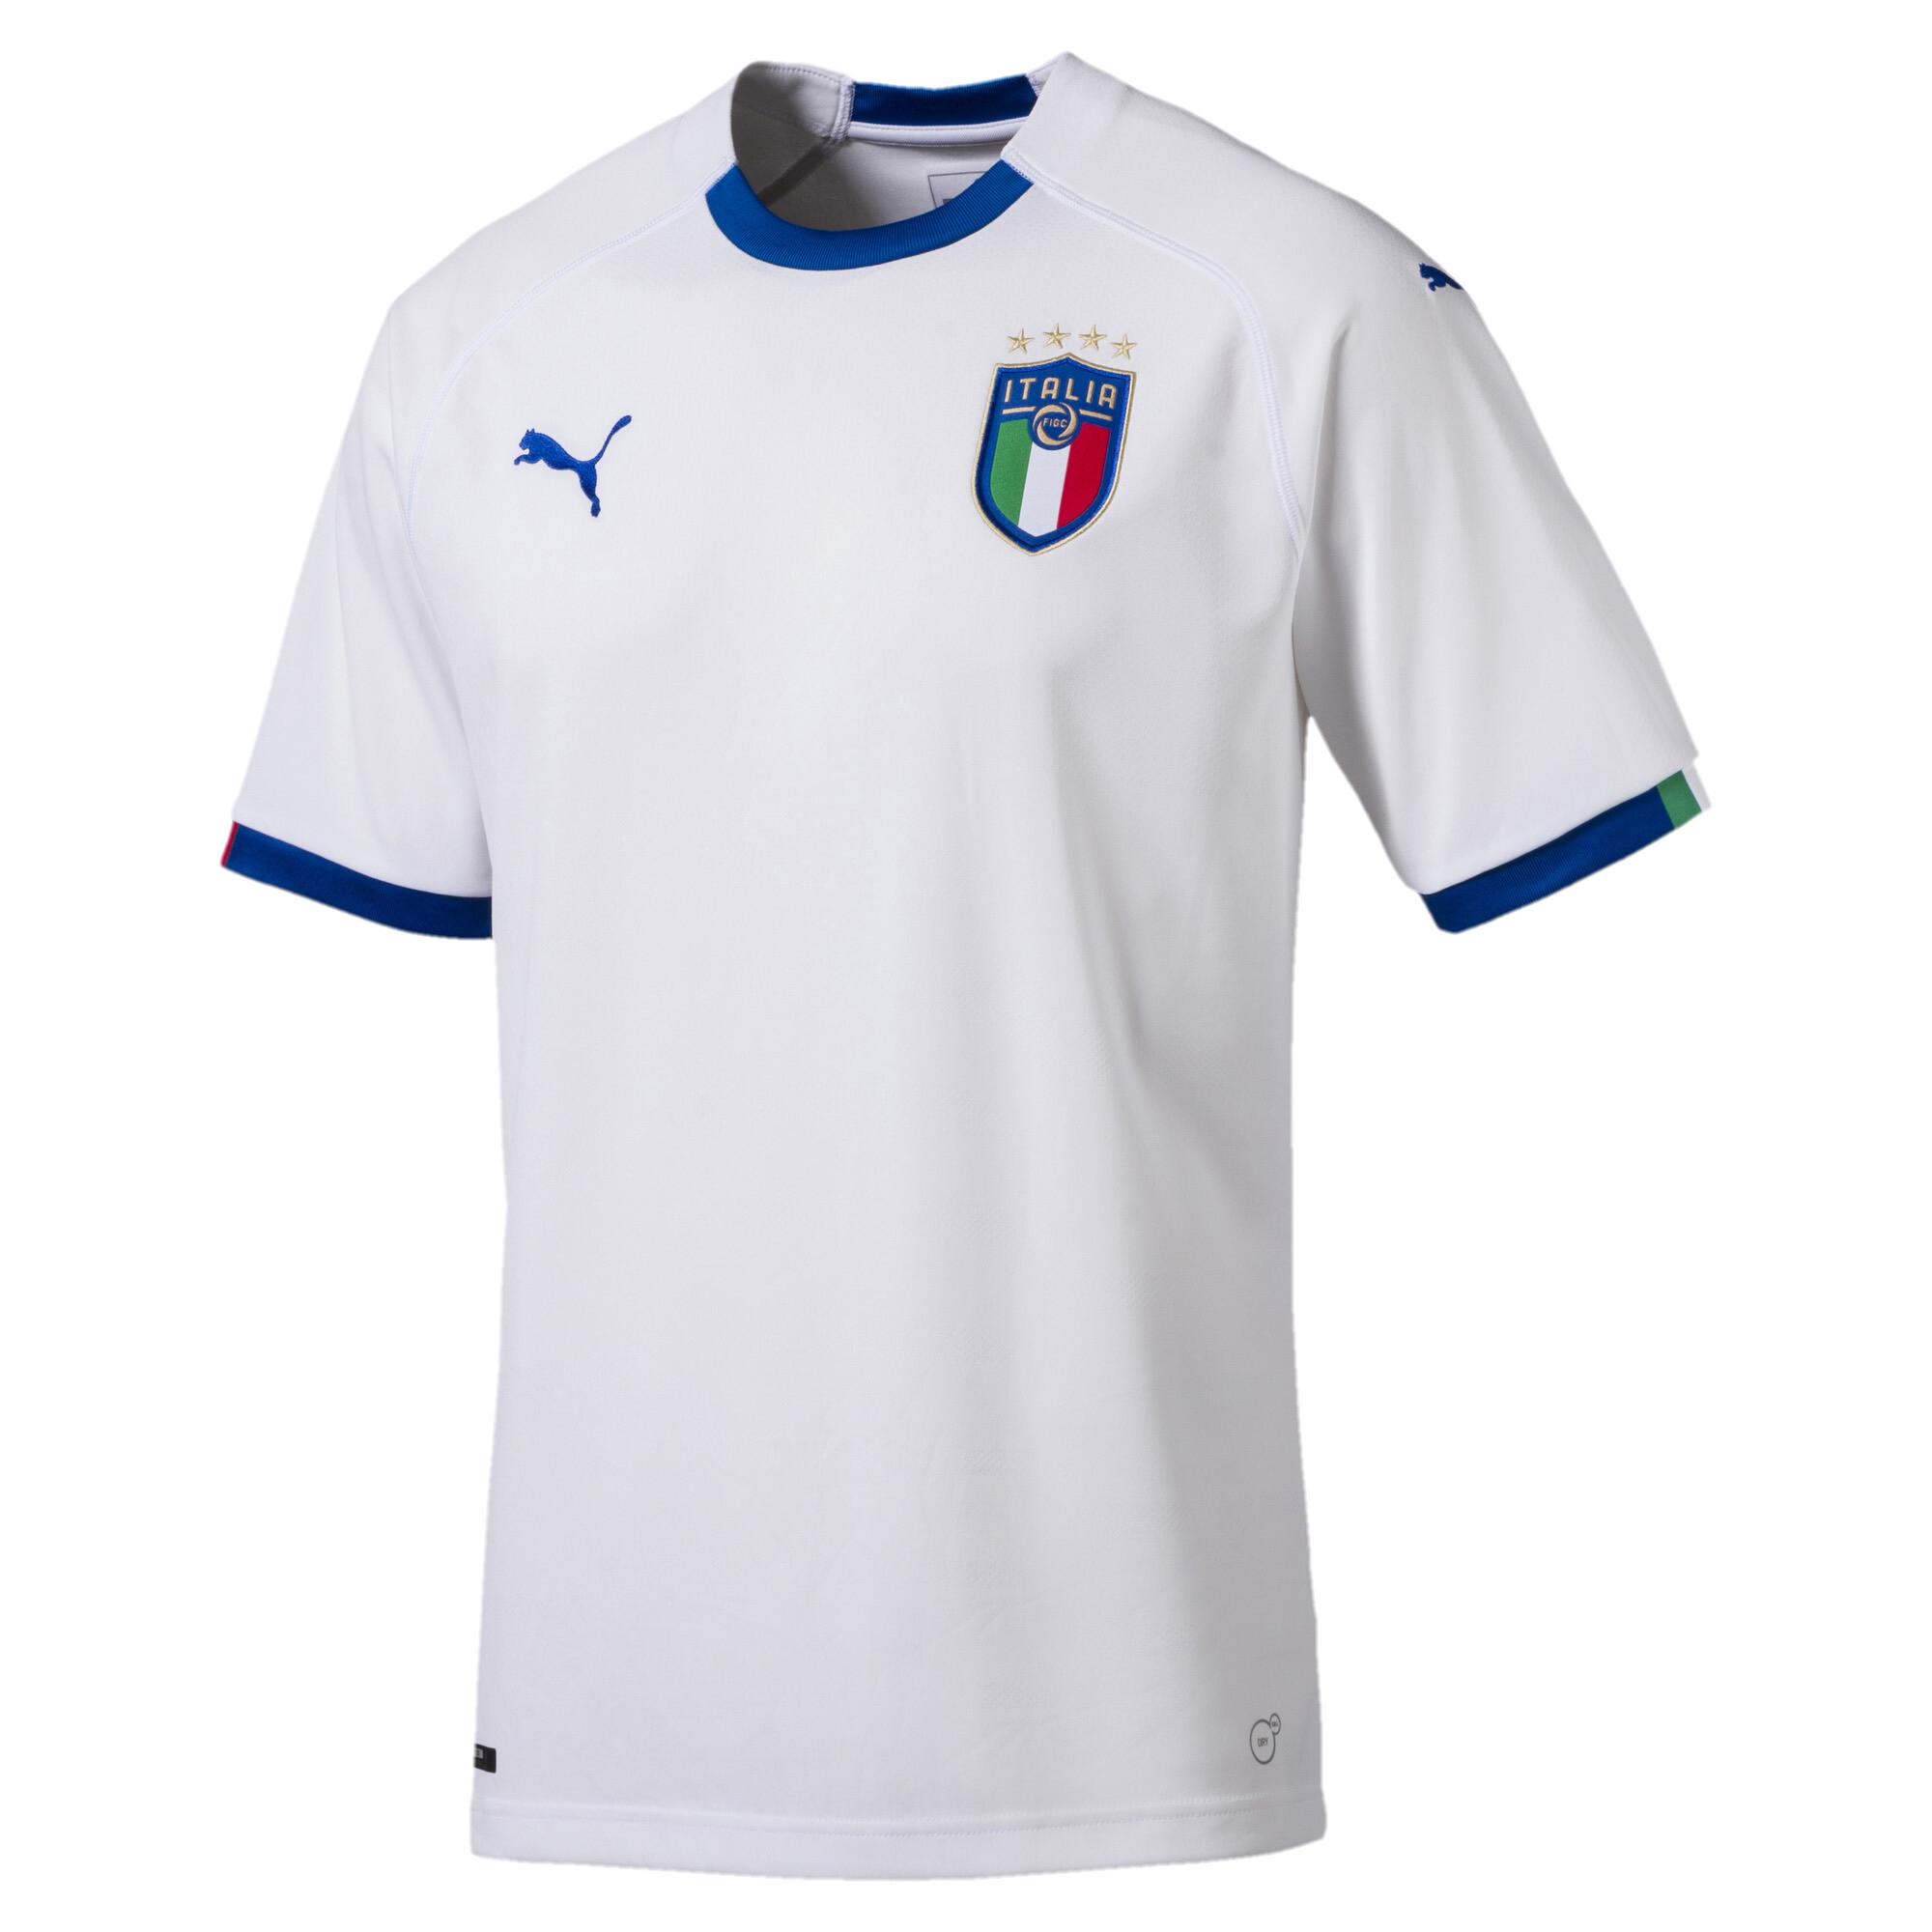 プーマ FIGC ITALIA アウェイ レプリカ SSシャツ 半袖 メンズ Puma White-Team Power Blue |PUMA.com